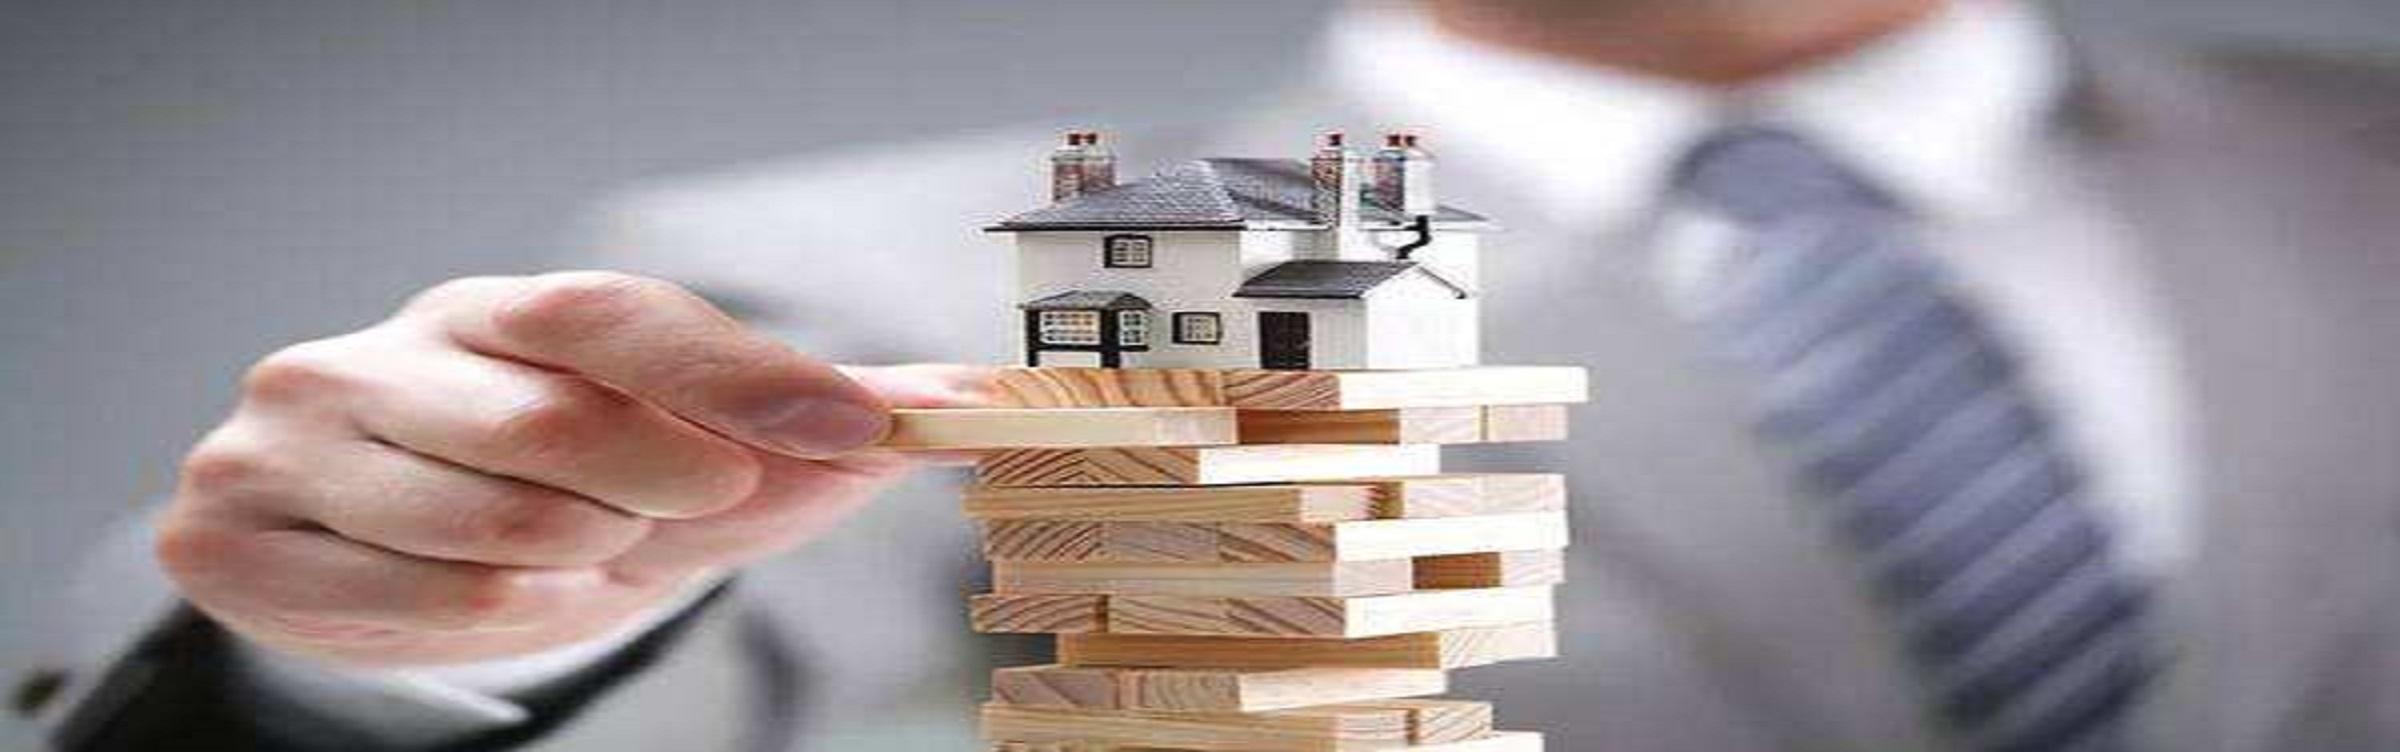 房企业绩普遍下滑